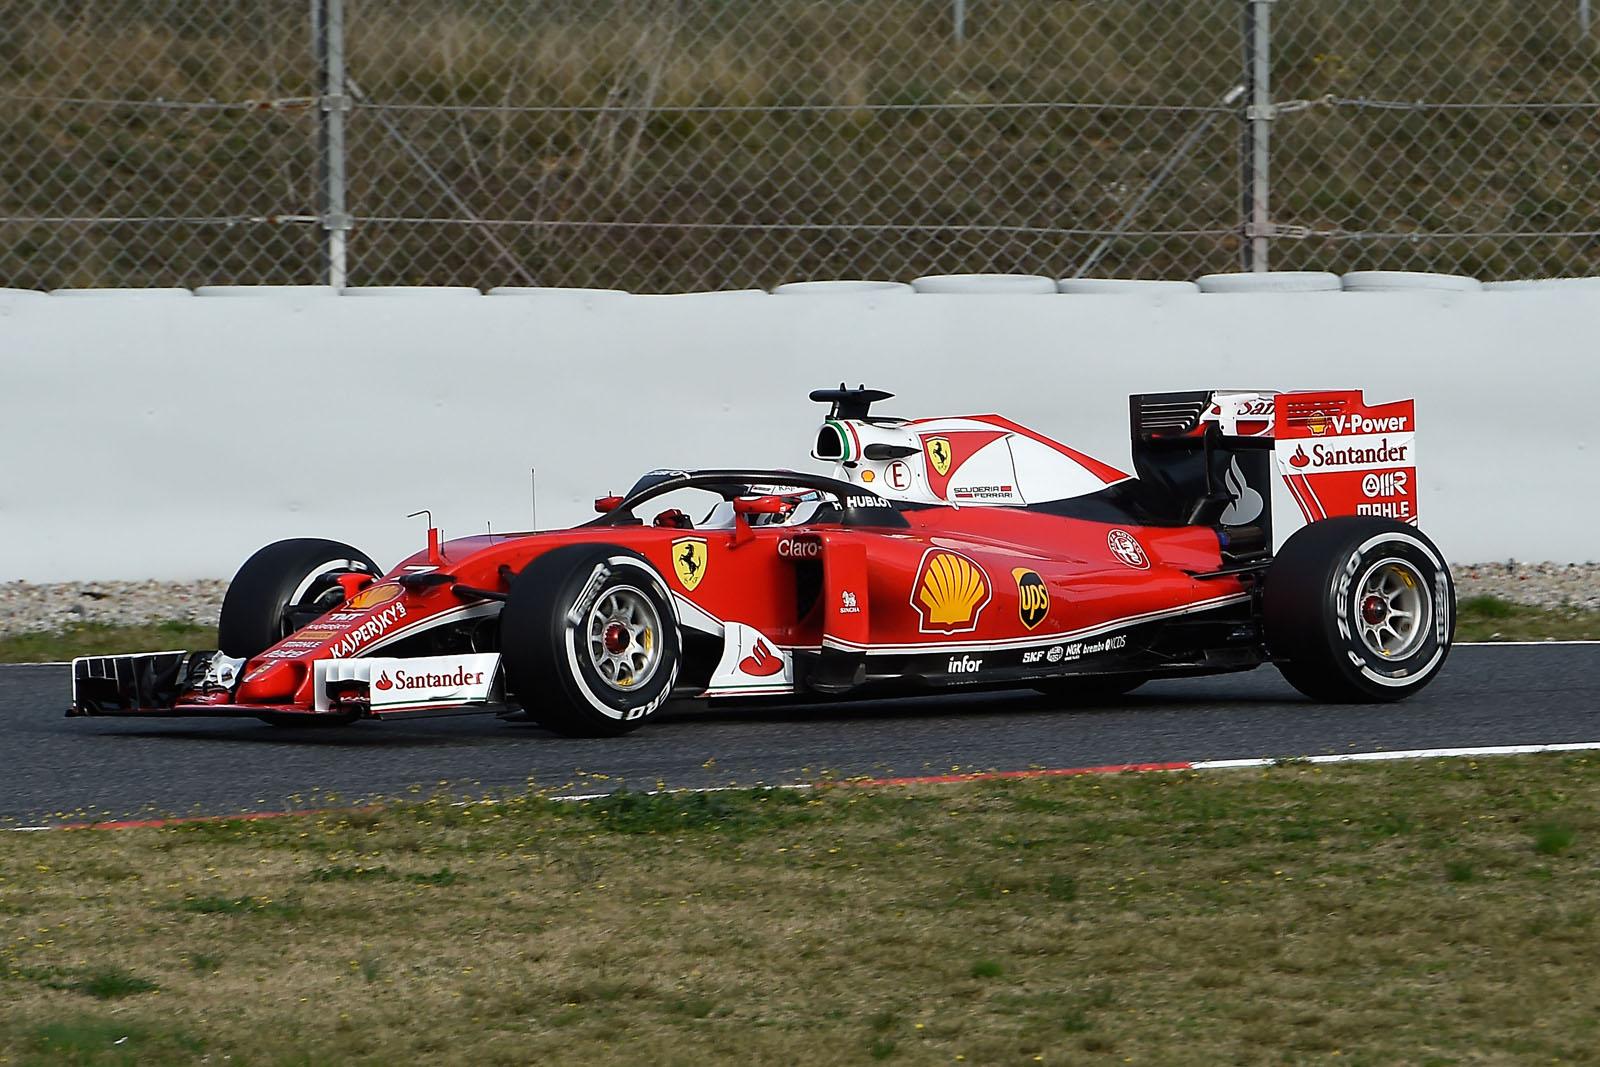 Lotus: Das optimale Setup ist noch weit entfernt - globalnet nu-F1-News